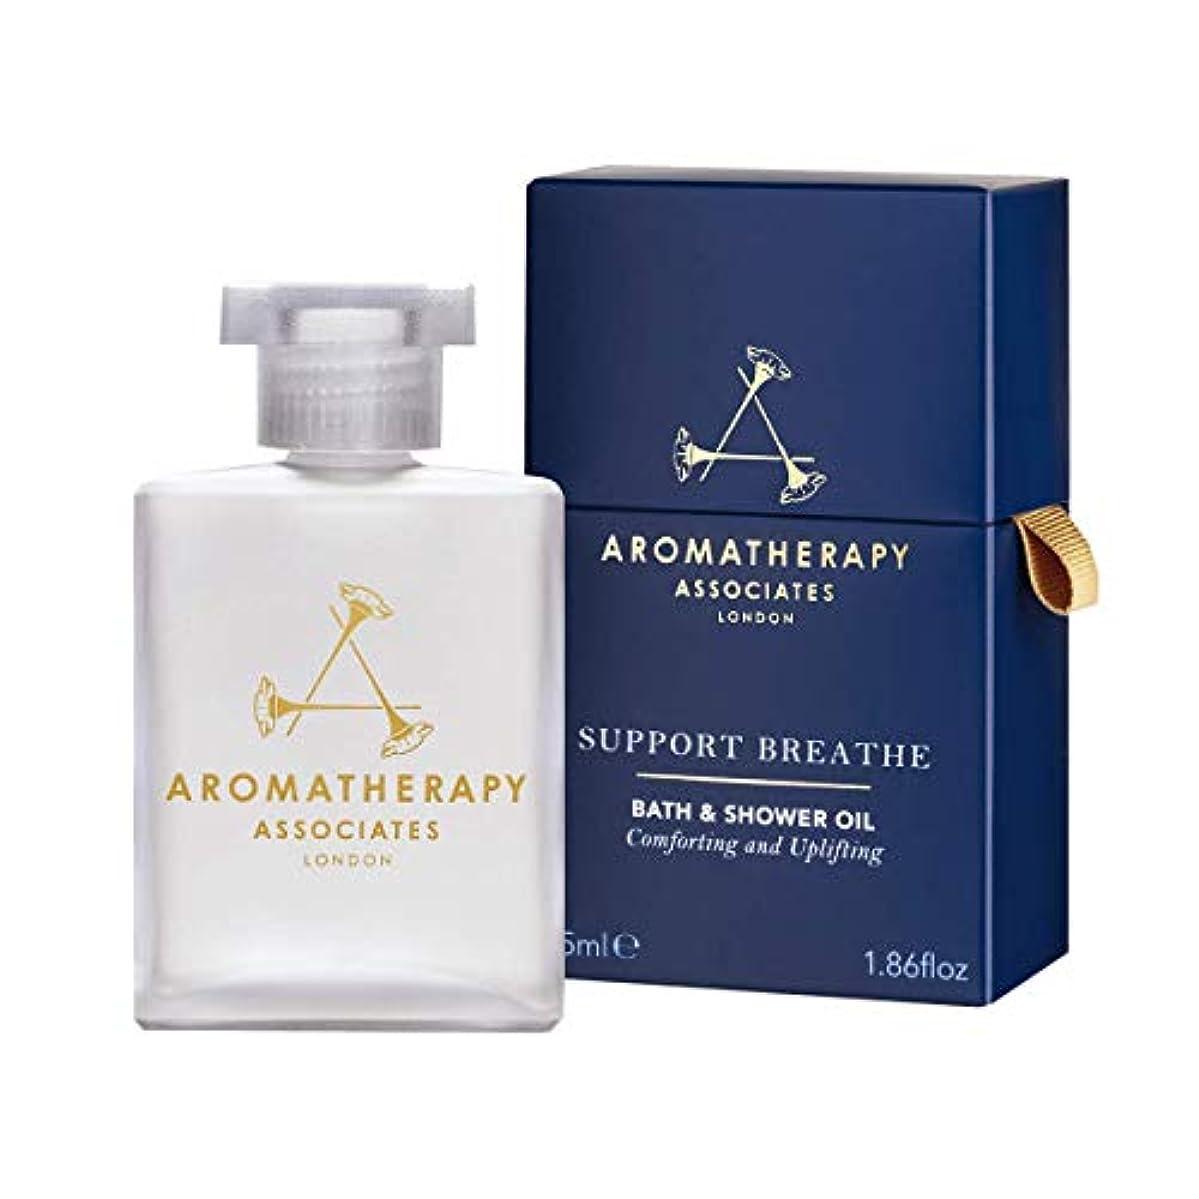 紛争ある規範アロマセラピー アソシエイツ(Aromatherapy Associates) サポート ブリーズ バスアンドシャワーオイル 55ml [海外直送品] [並行輸入品]